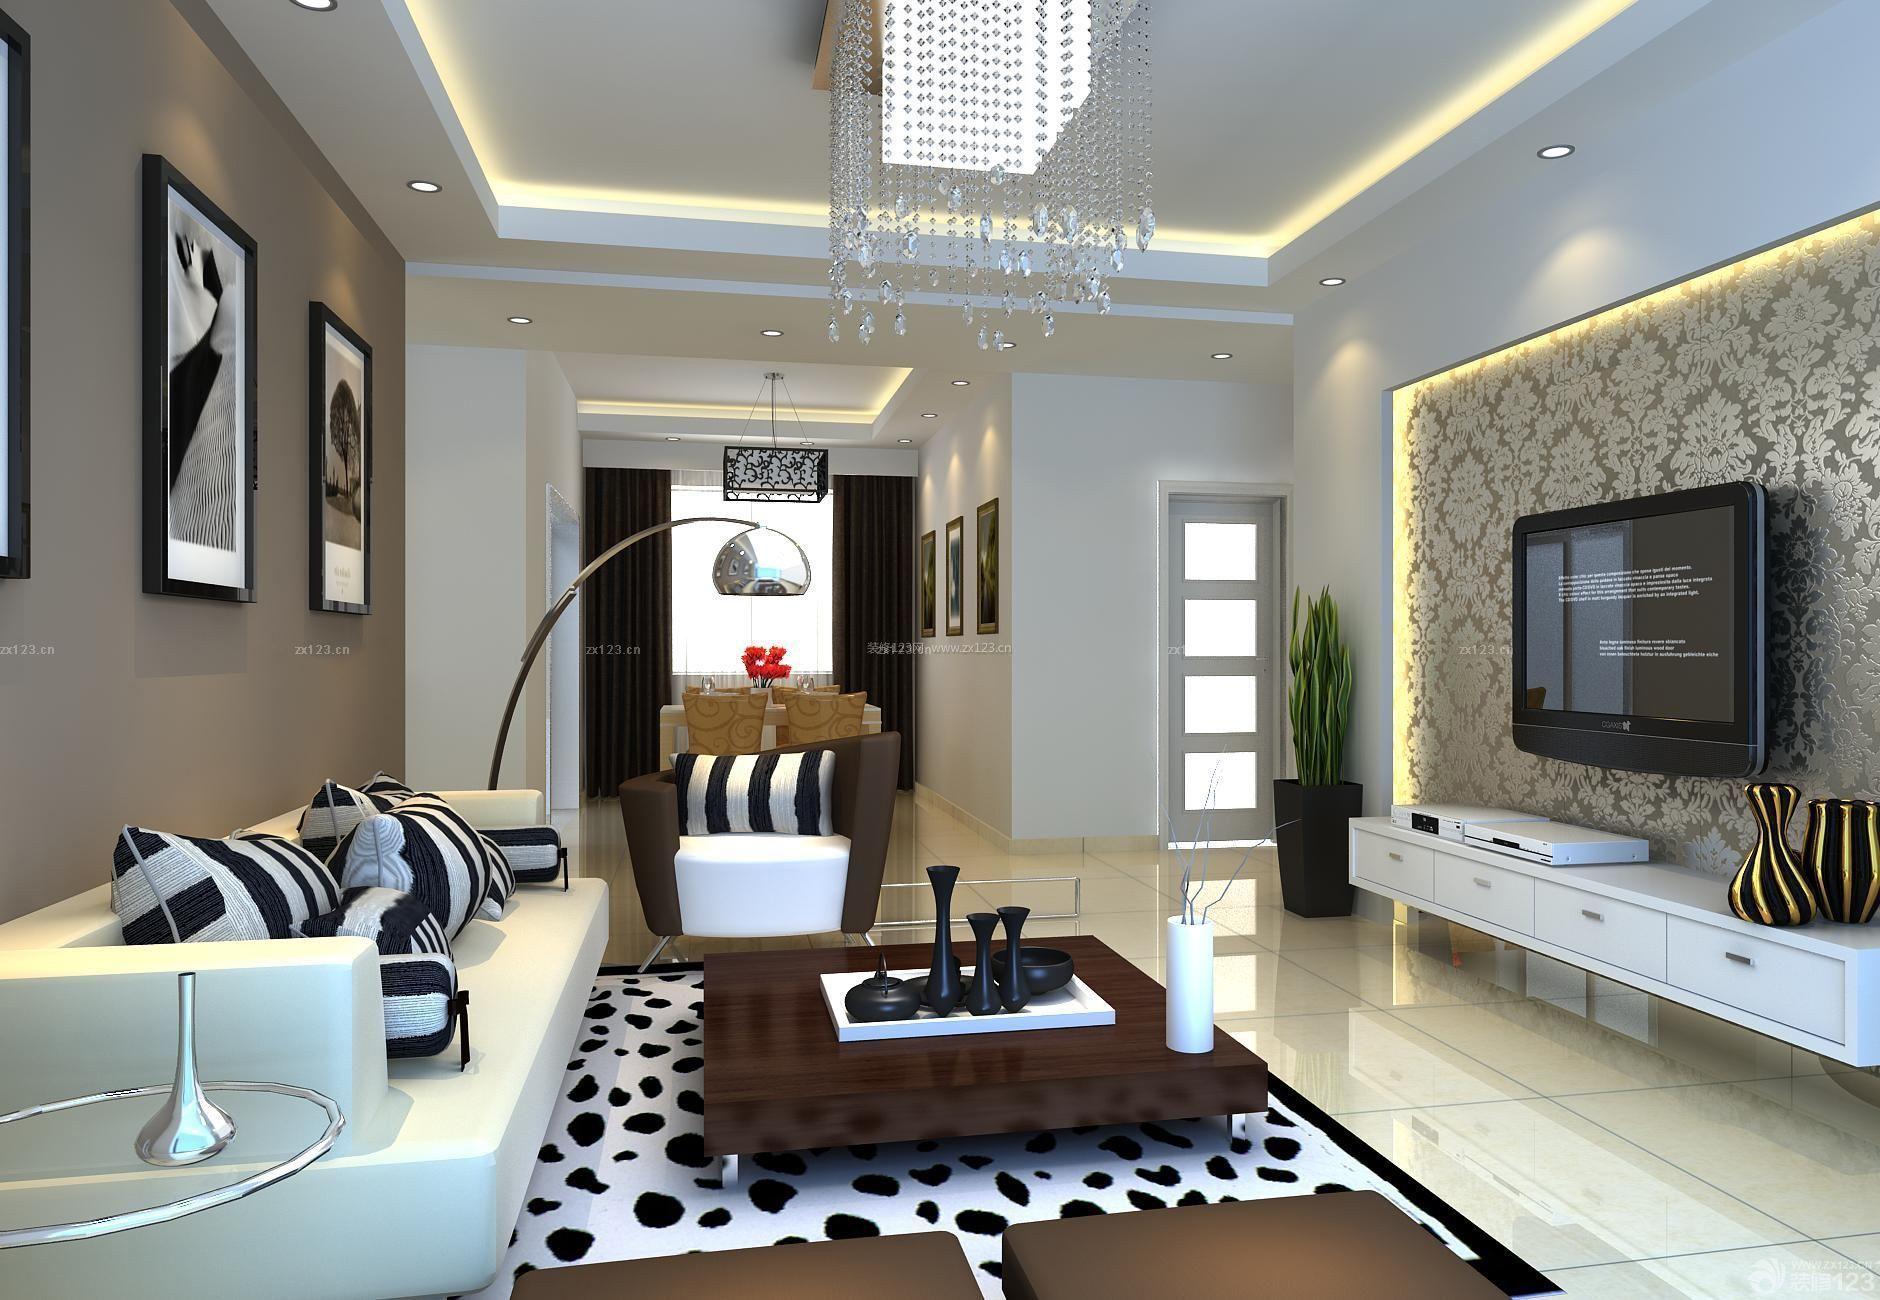 現代歐式90平米兩室一廳客廳裝修效果圖圖片